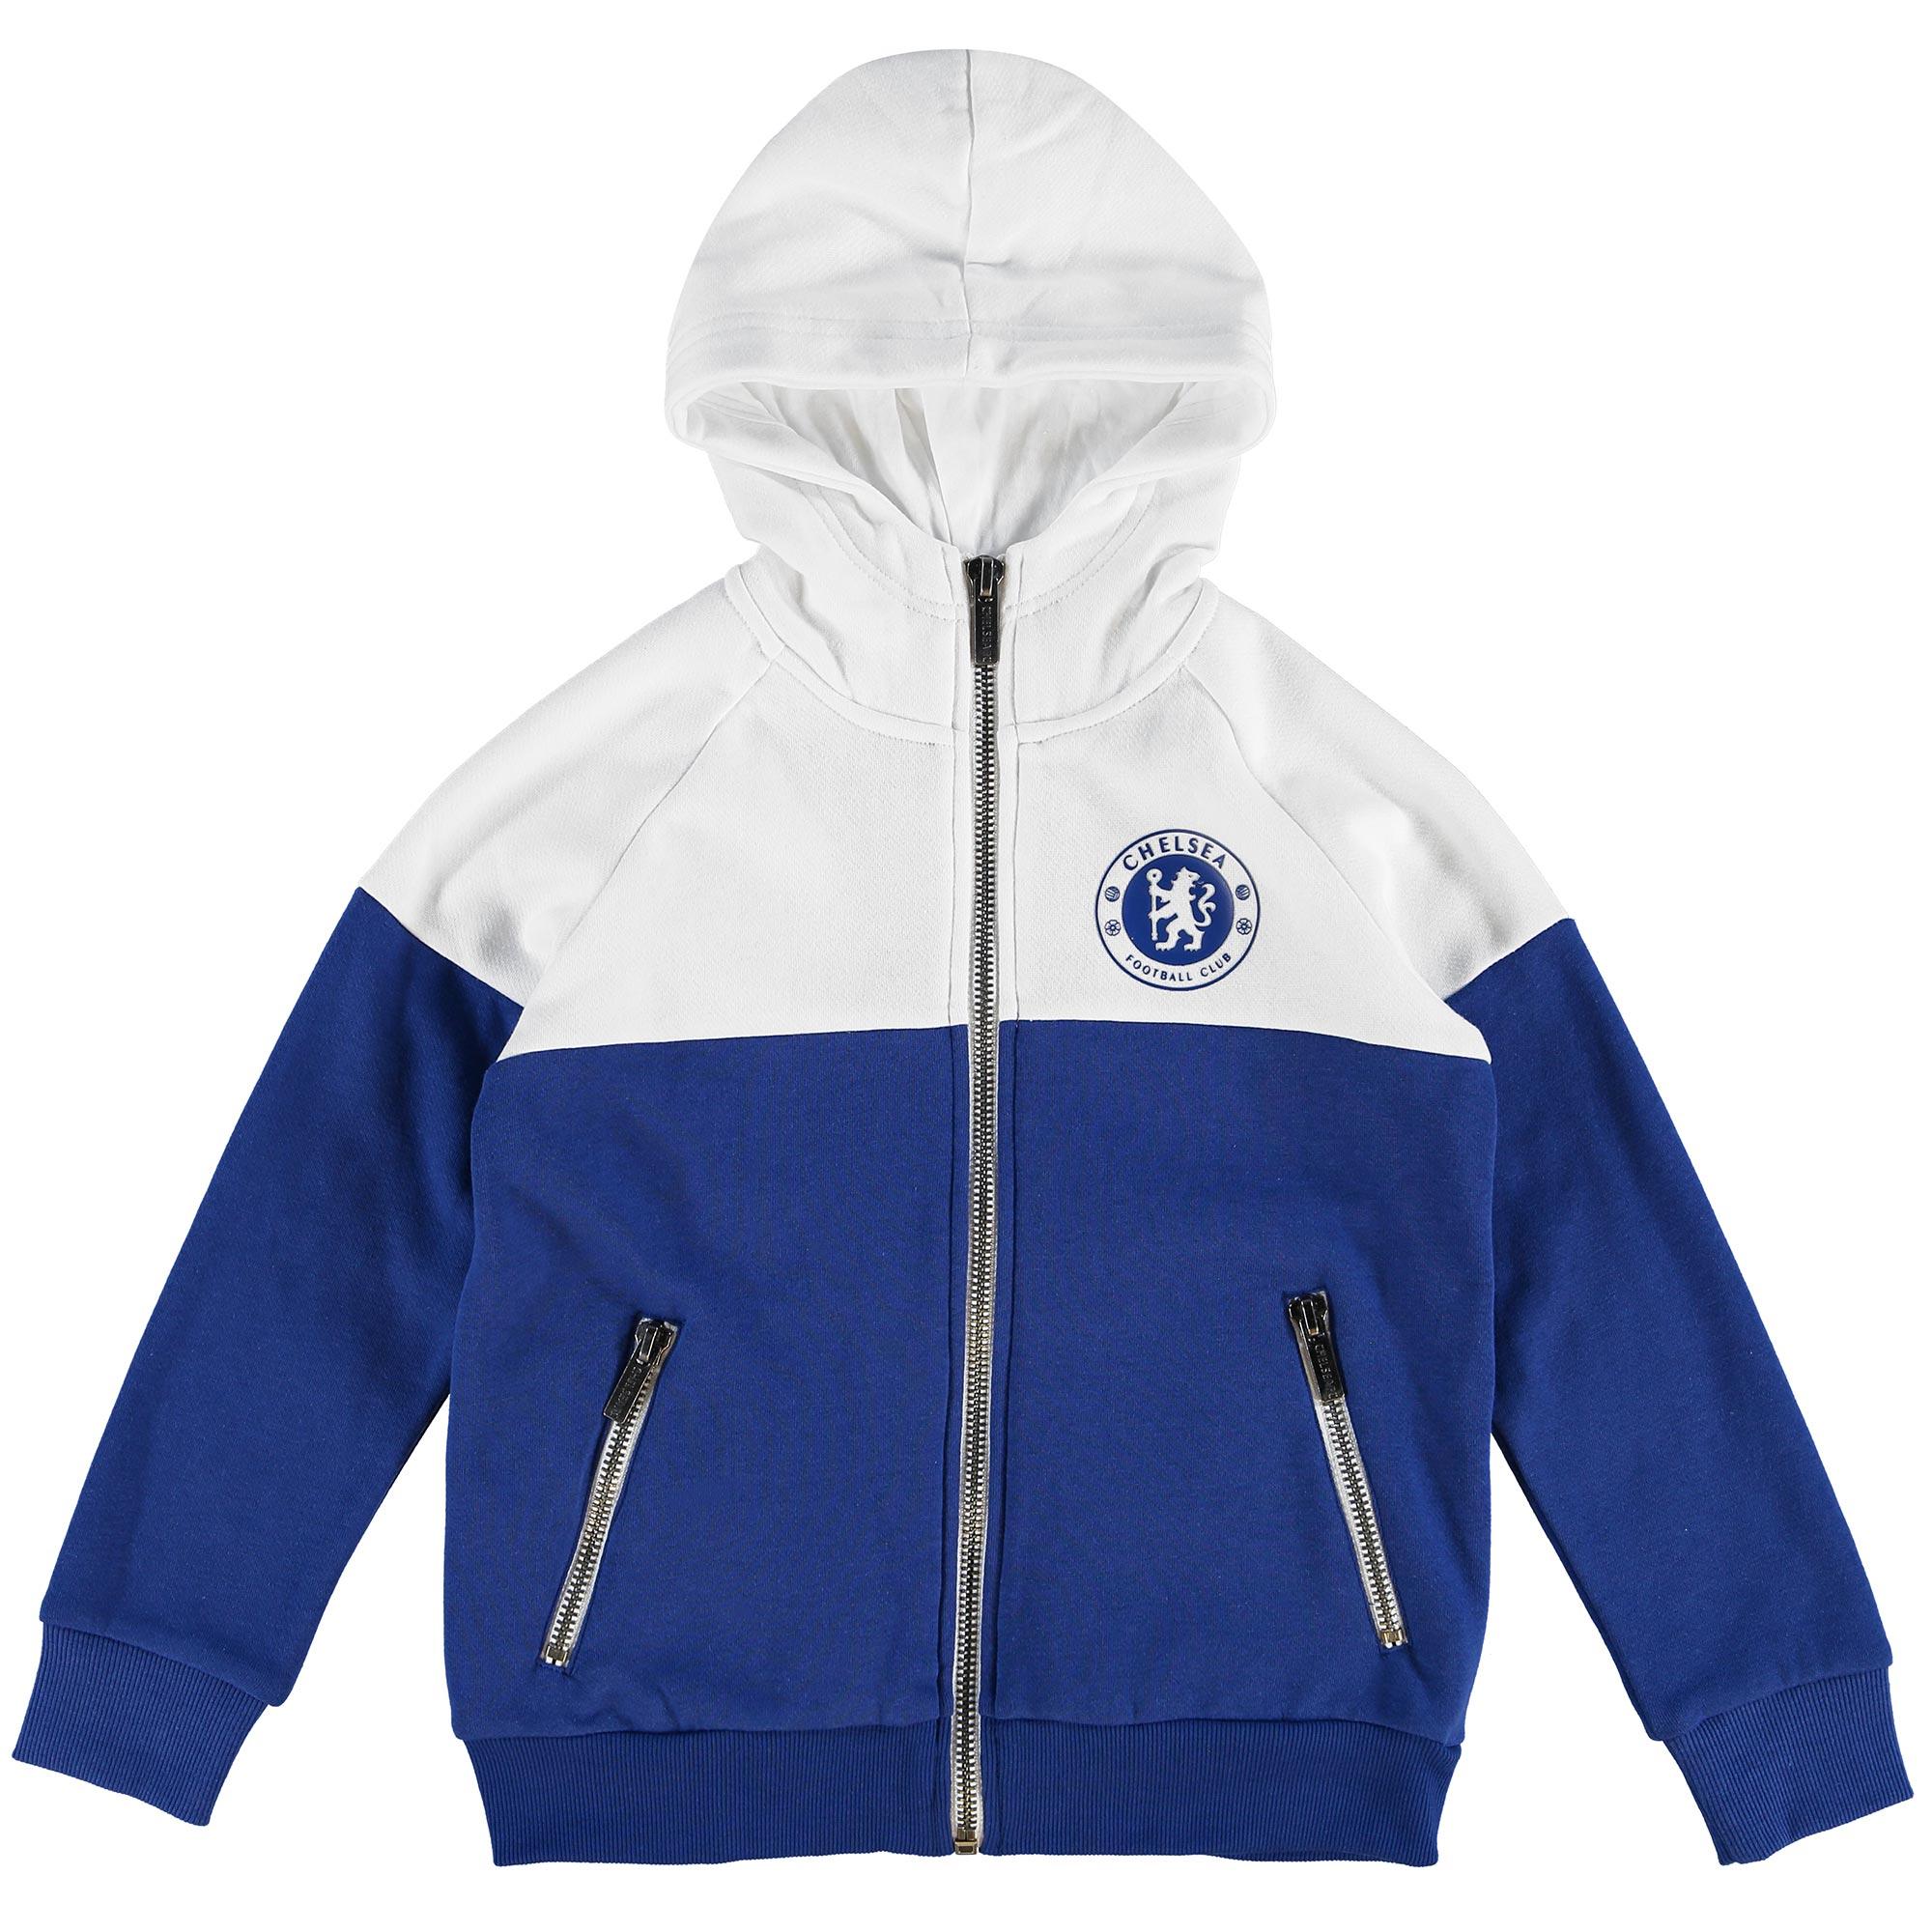 Chelsea Essential Full Zip Hoodie - Royal/White - Infant Boys